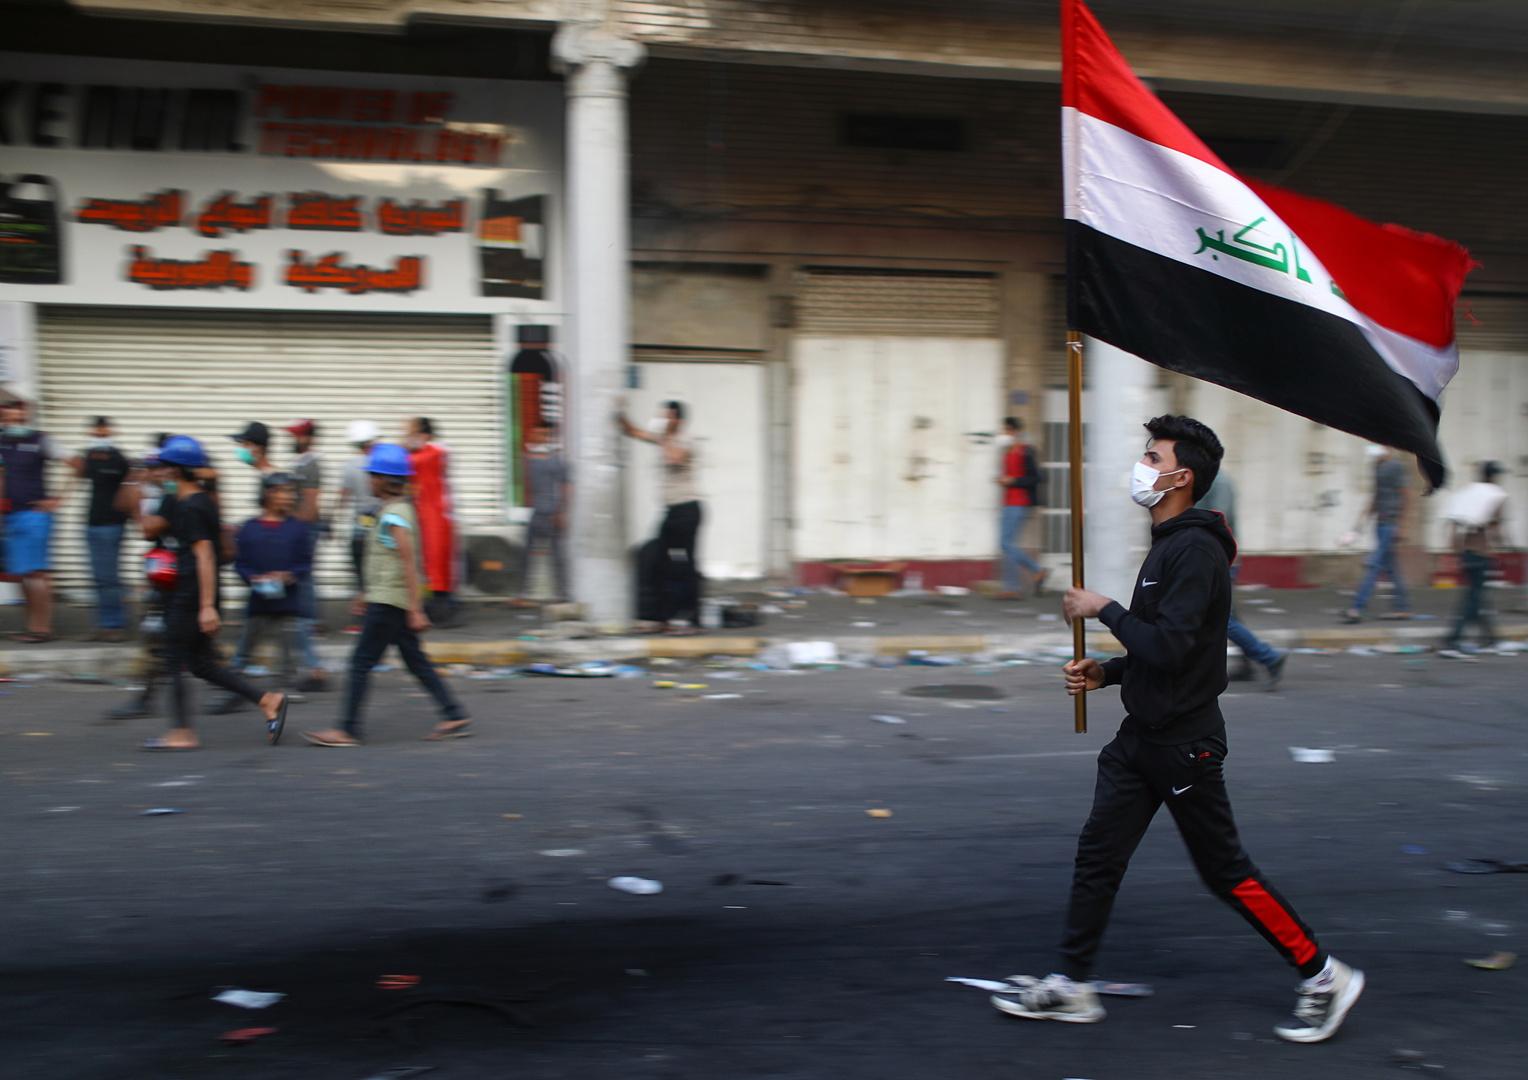 العراق.. مقتل 4 متظاهرين وإصابة 130 في ذي قار